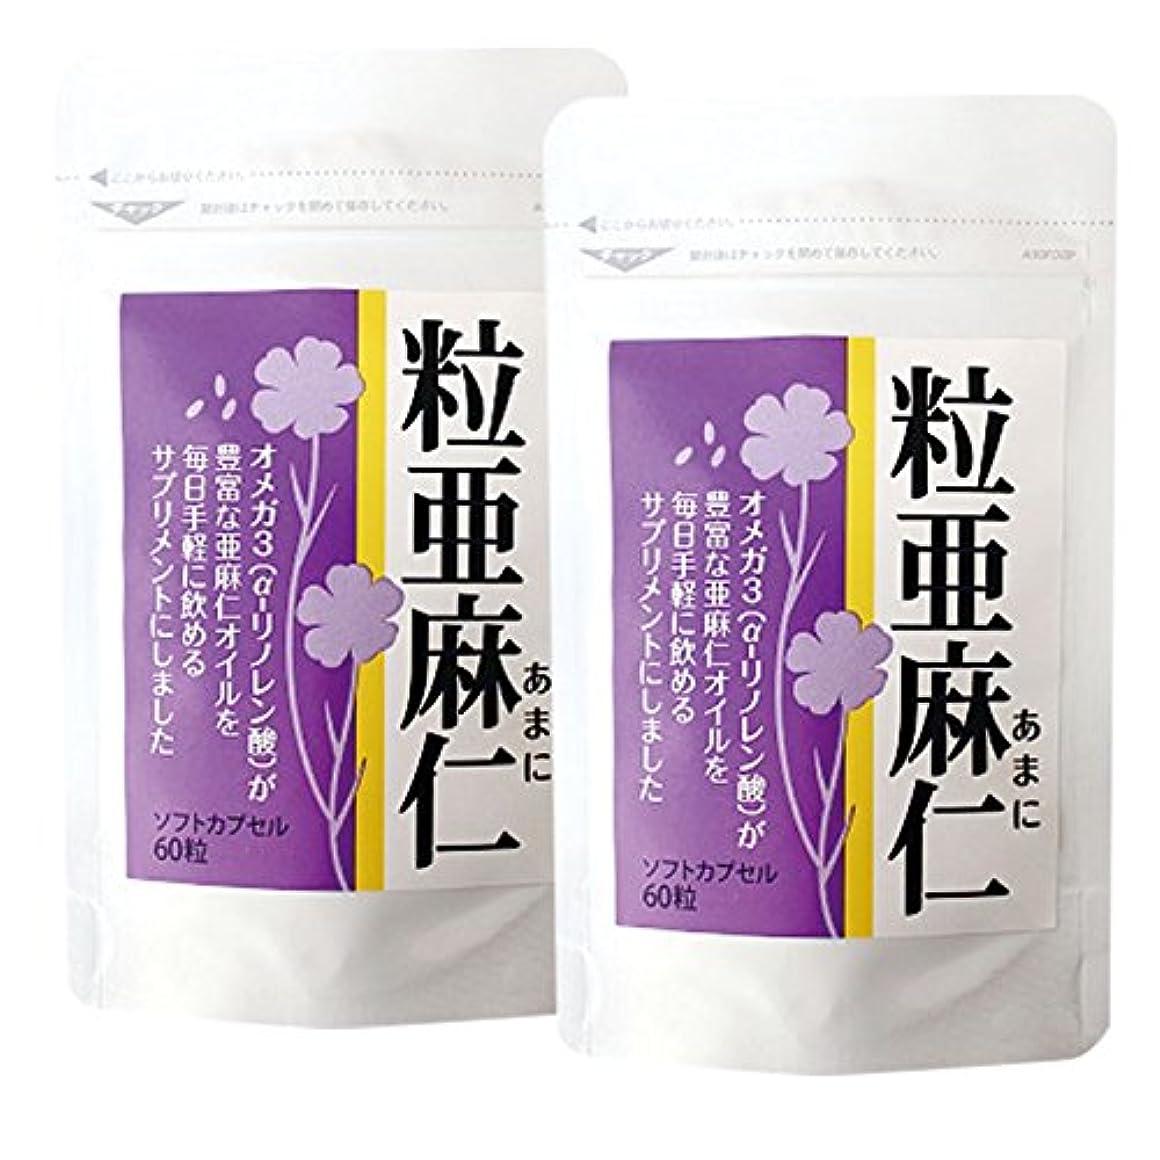 ええさておき乙女粒亜麻仁(60粒)×2袋セット